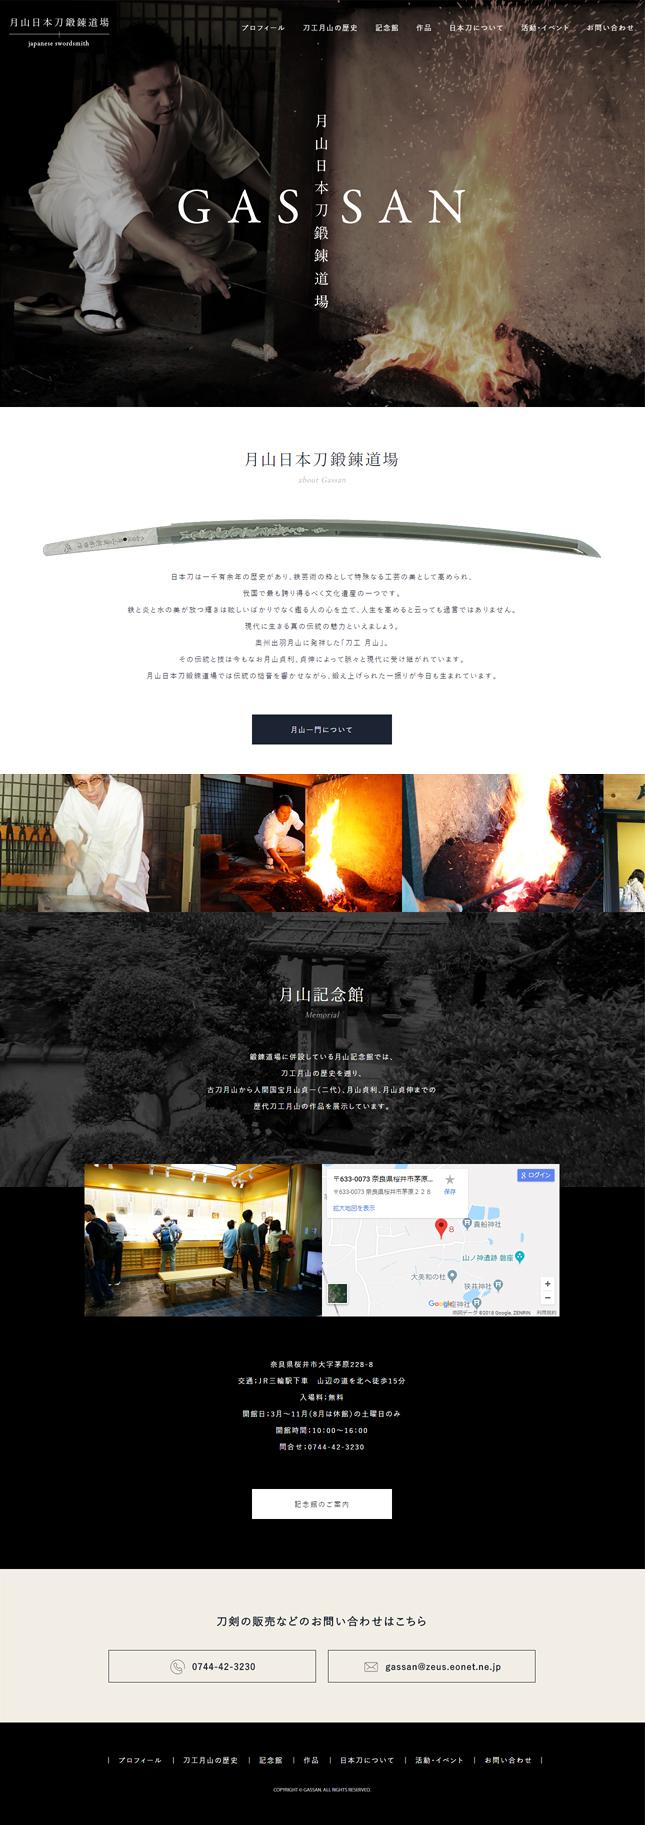 特殊サービス・専門サービス関連ウェブサイトデザイン制作実績1p/刀剣・刃物・販売サービスウェブサイト作成